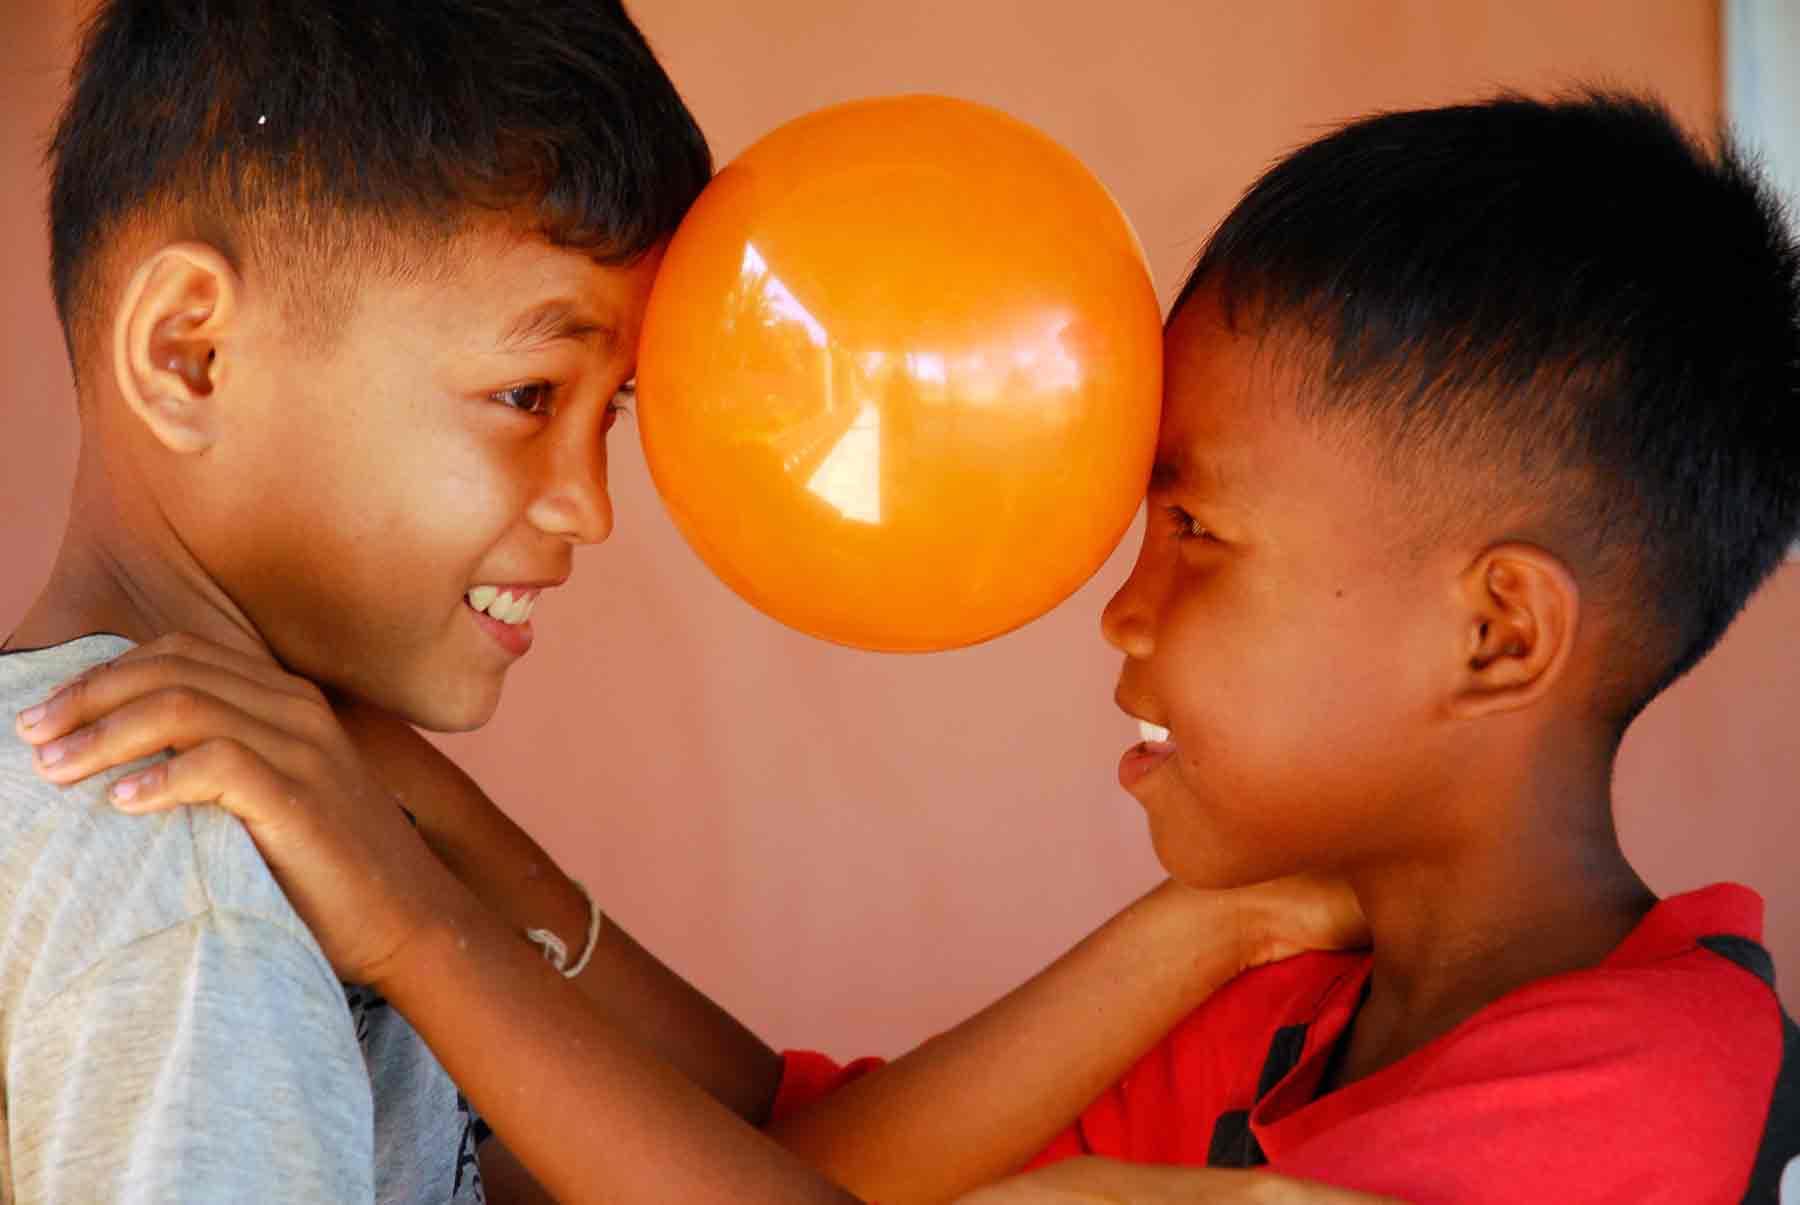 Enfants vivant au refuge et ayant souffert de maltraitance et qui aujourd'hui ont retrouvé le bonheur de vivre et cela grâce à un encadrement de premier plan.